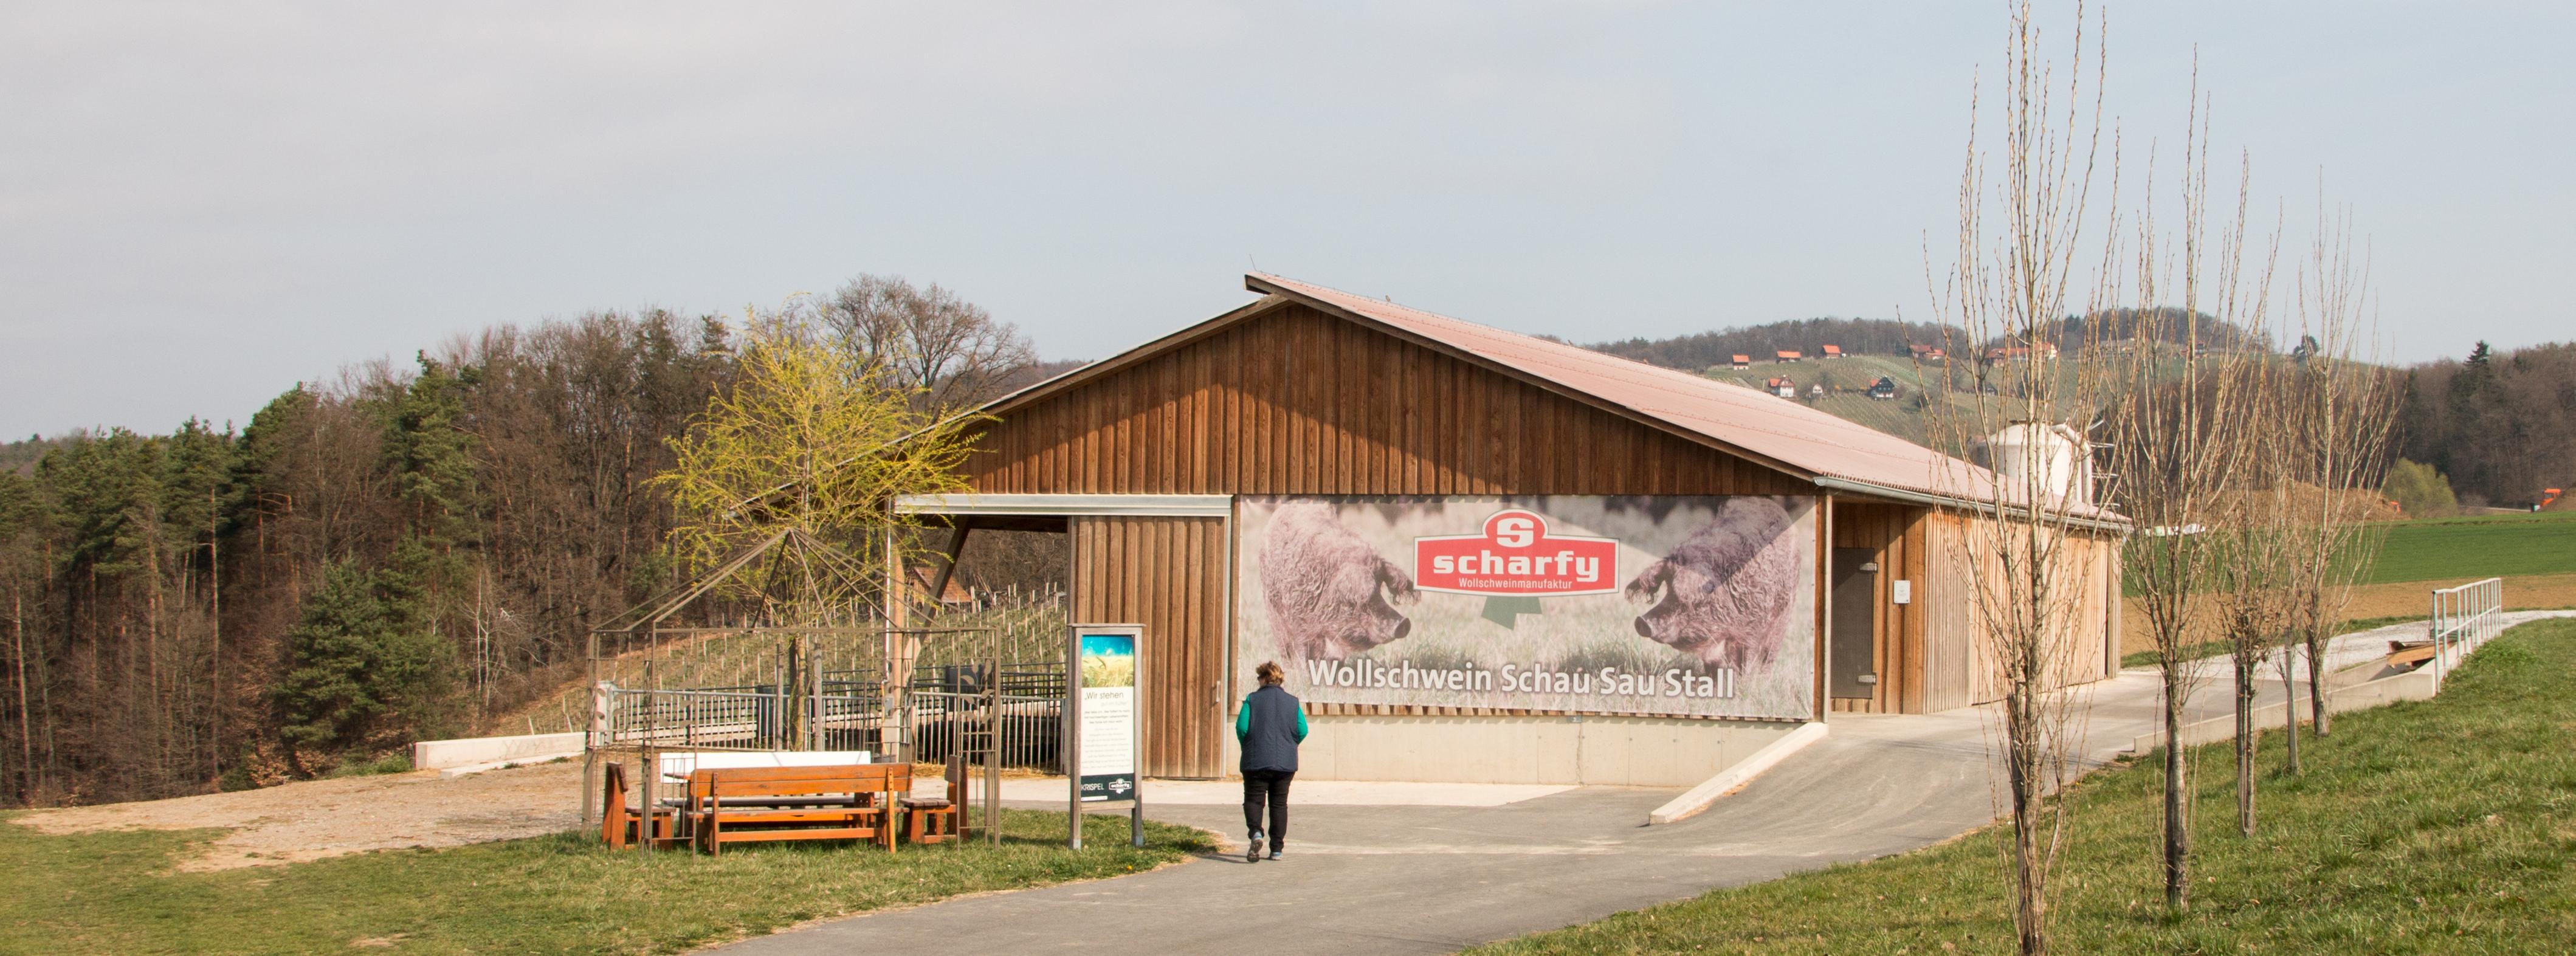 Wollschwein Stall